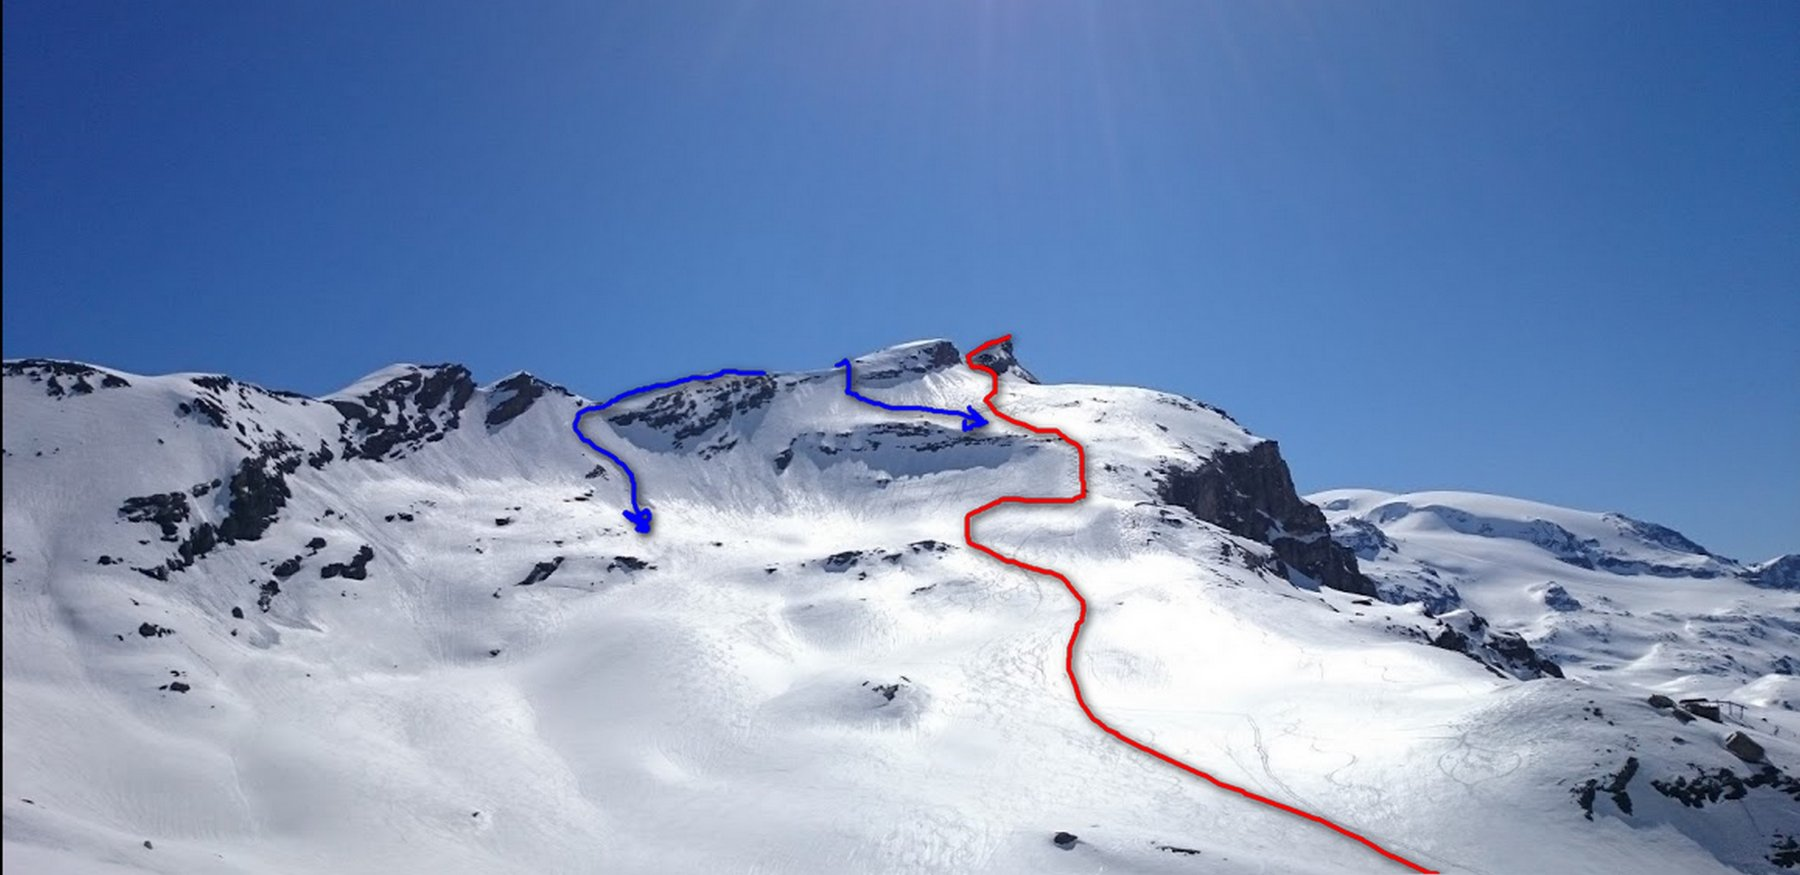 Traccia di salita e discesa con sci